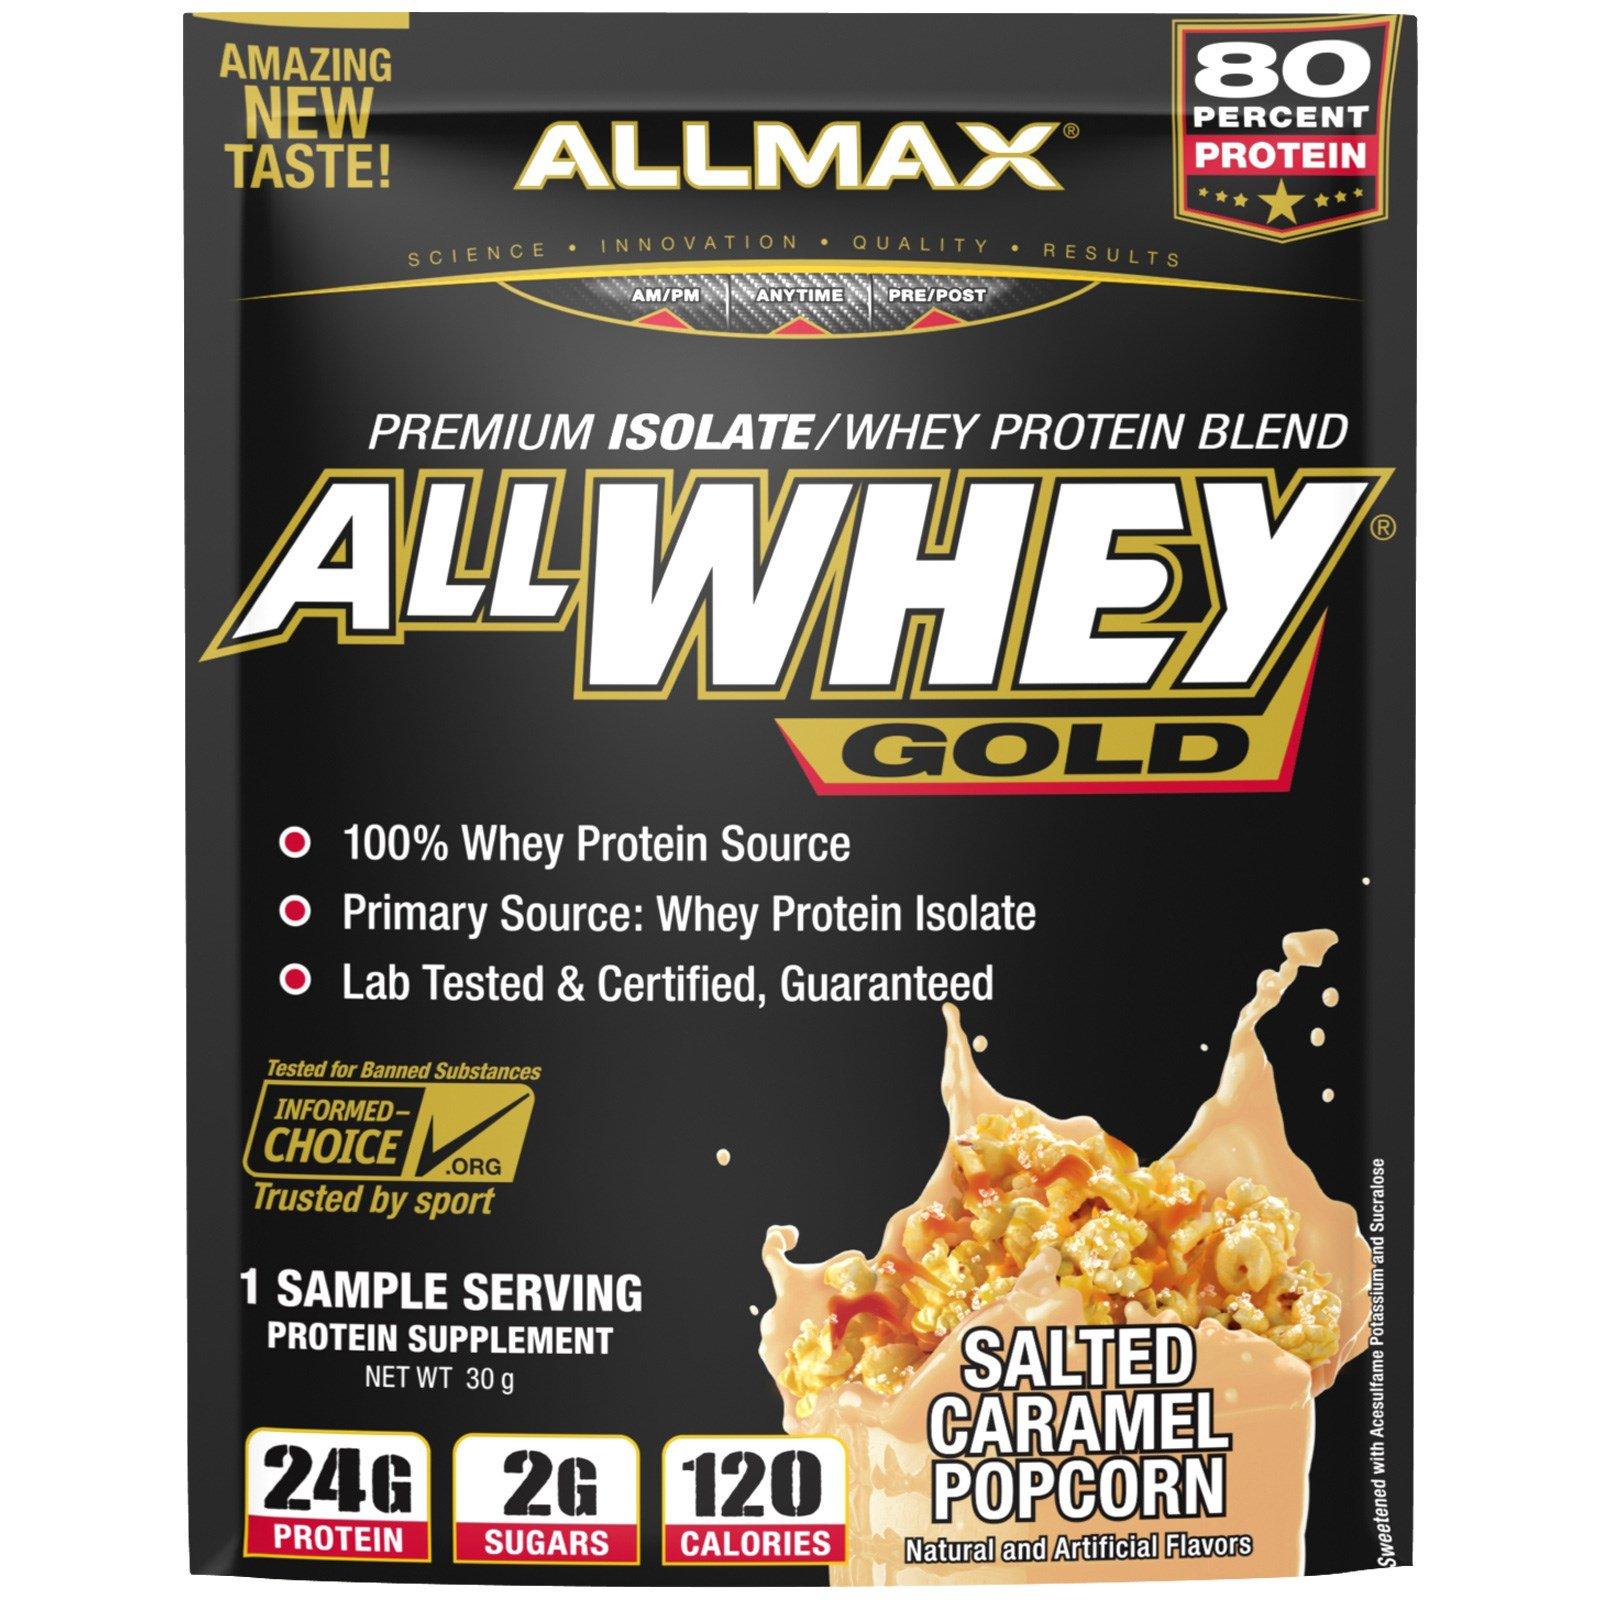 ALLMAX Nutrition, AllWhey Gold, 100% сывороточный протеин + премиум-изолят сывороточного протеина, соленый карамельный попкорн, пробник, 30 г